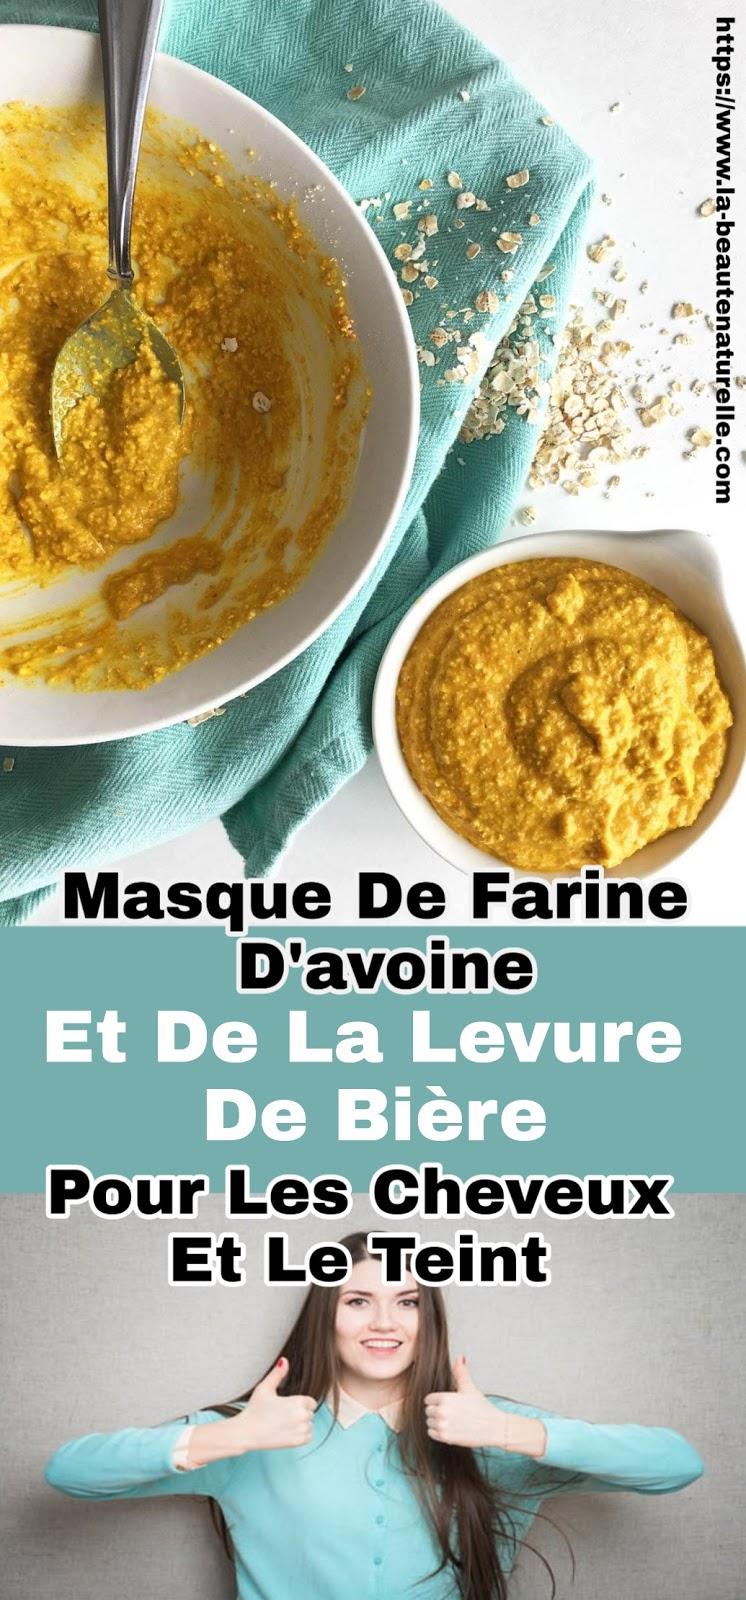 Masque De Farine D'avoine Et De La Levure De Bière Pour Les Cheveux Et Le Teint